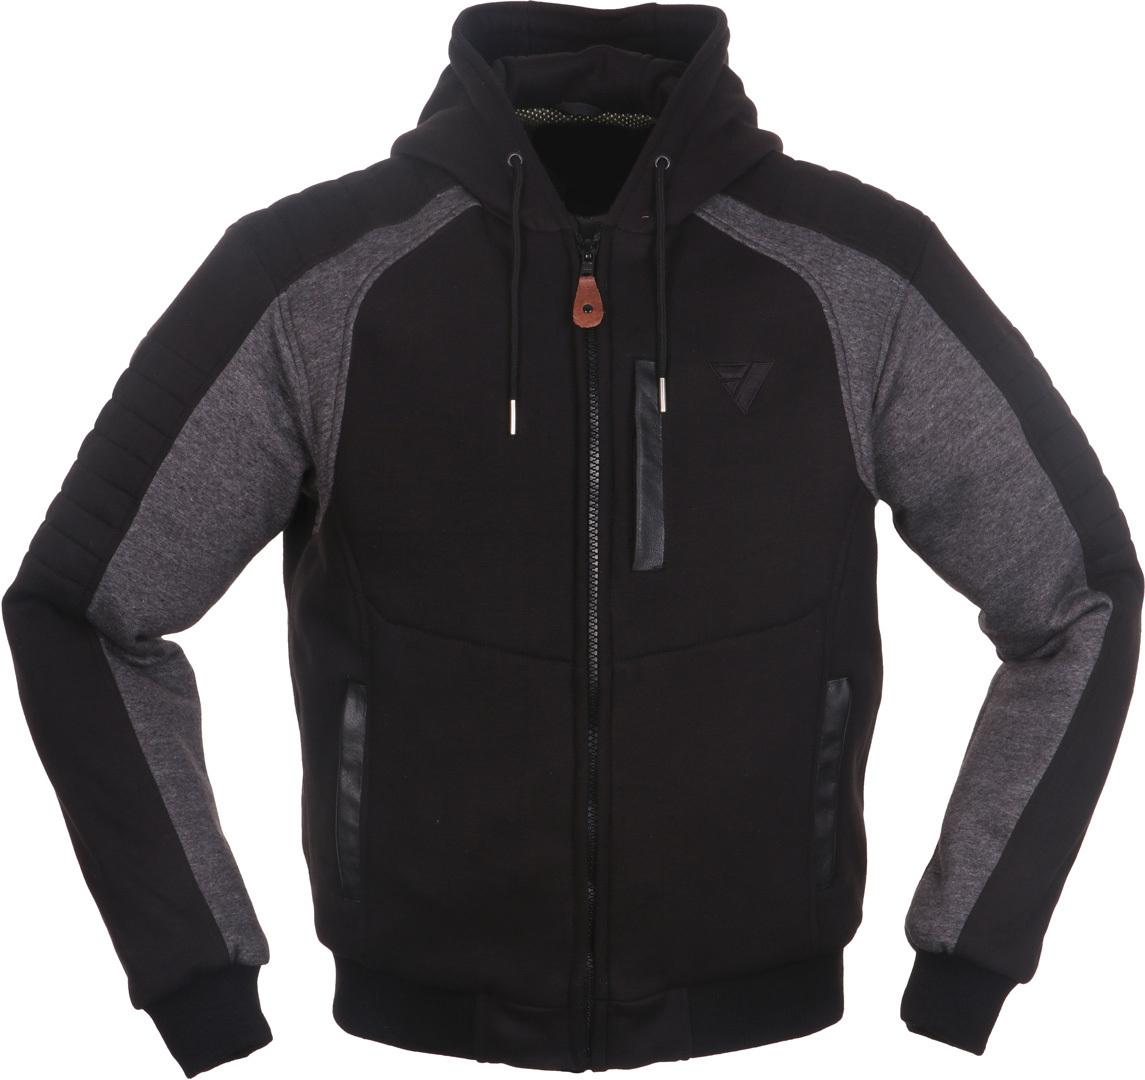 Modeka Hootch Motorrad Textiljacke, schwarz-grau, Größe 2XL, schwarz-grau, Größe 2XL